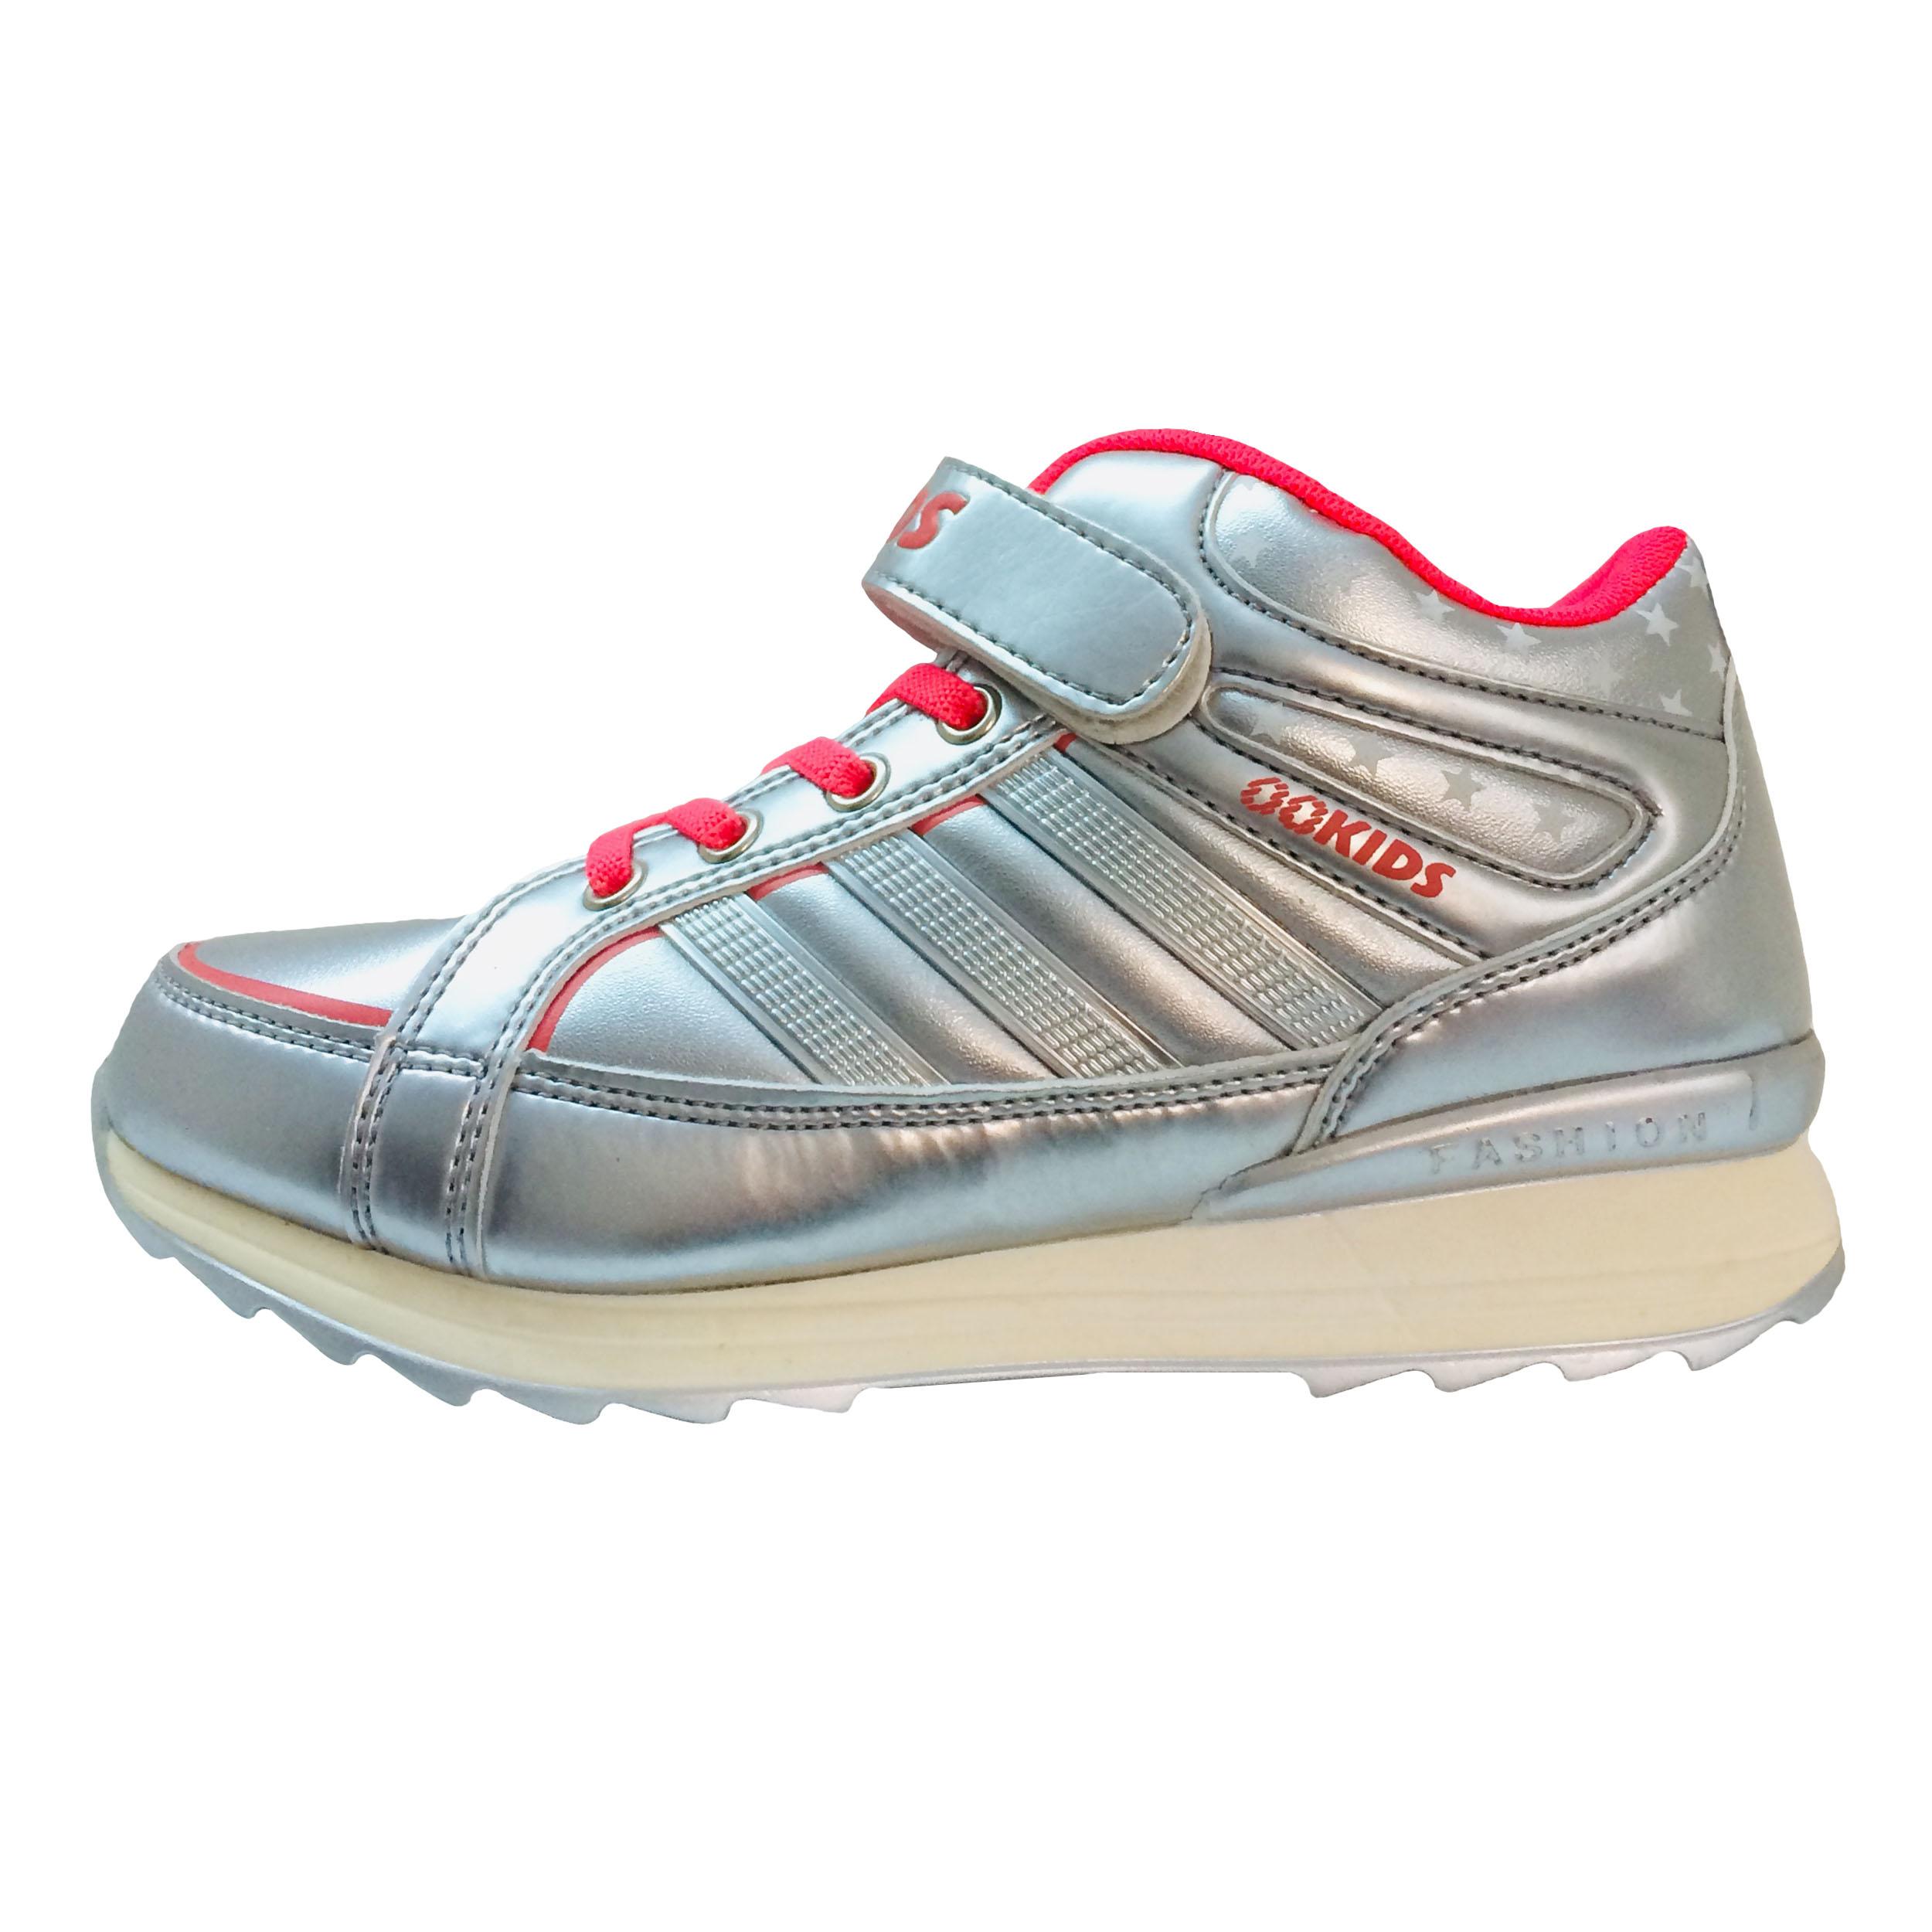 کفش مخصوص پیاده روی دخترانه  مدل  star کد kxj3222